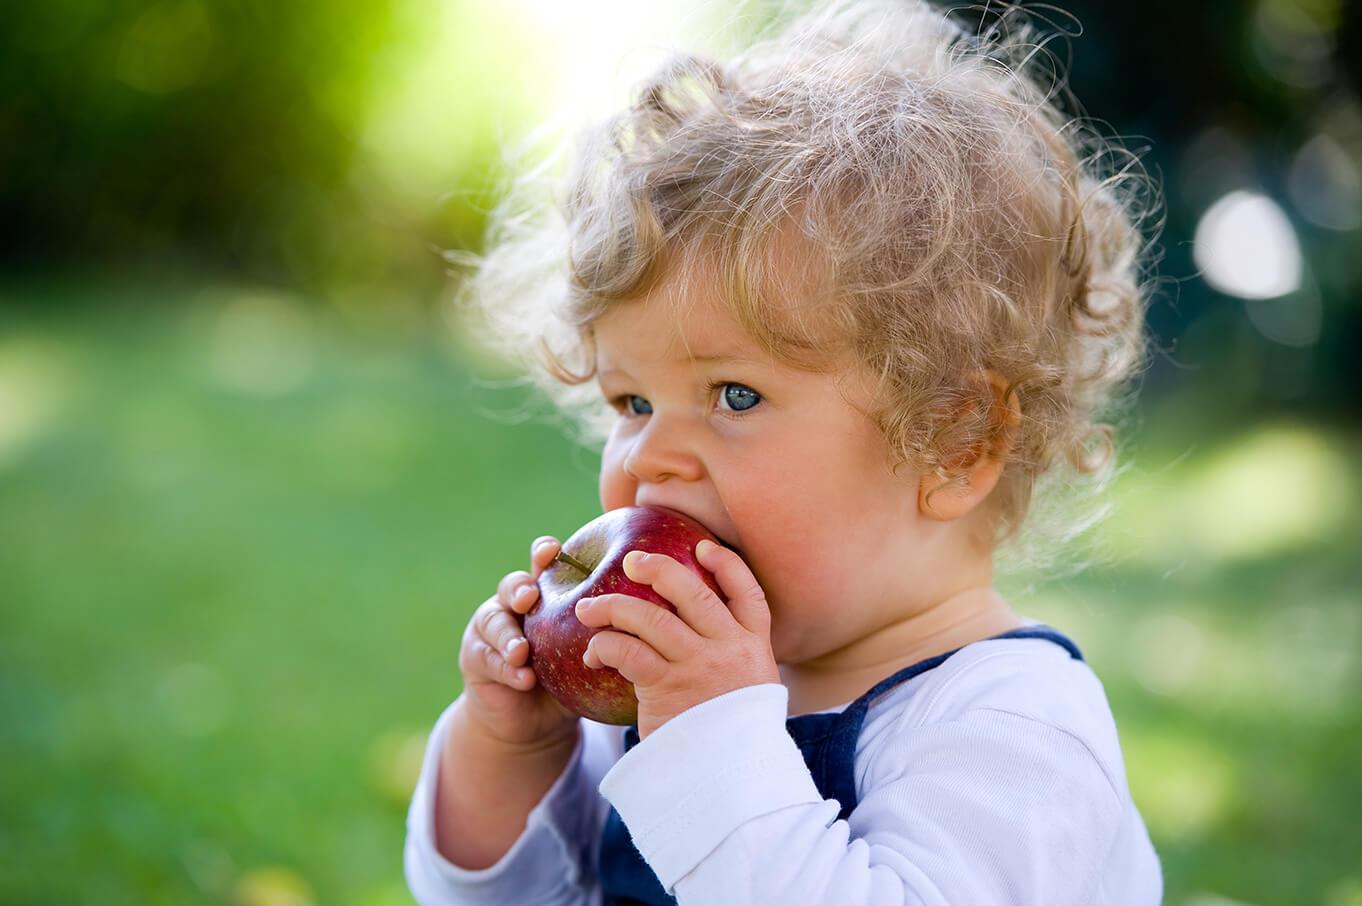 7 ideas de aperitivos saludables para niños en verano